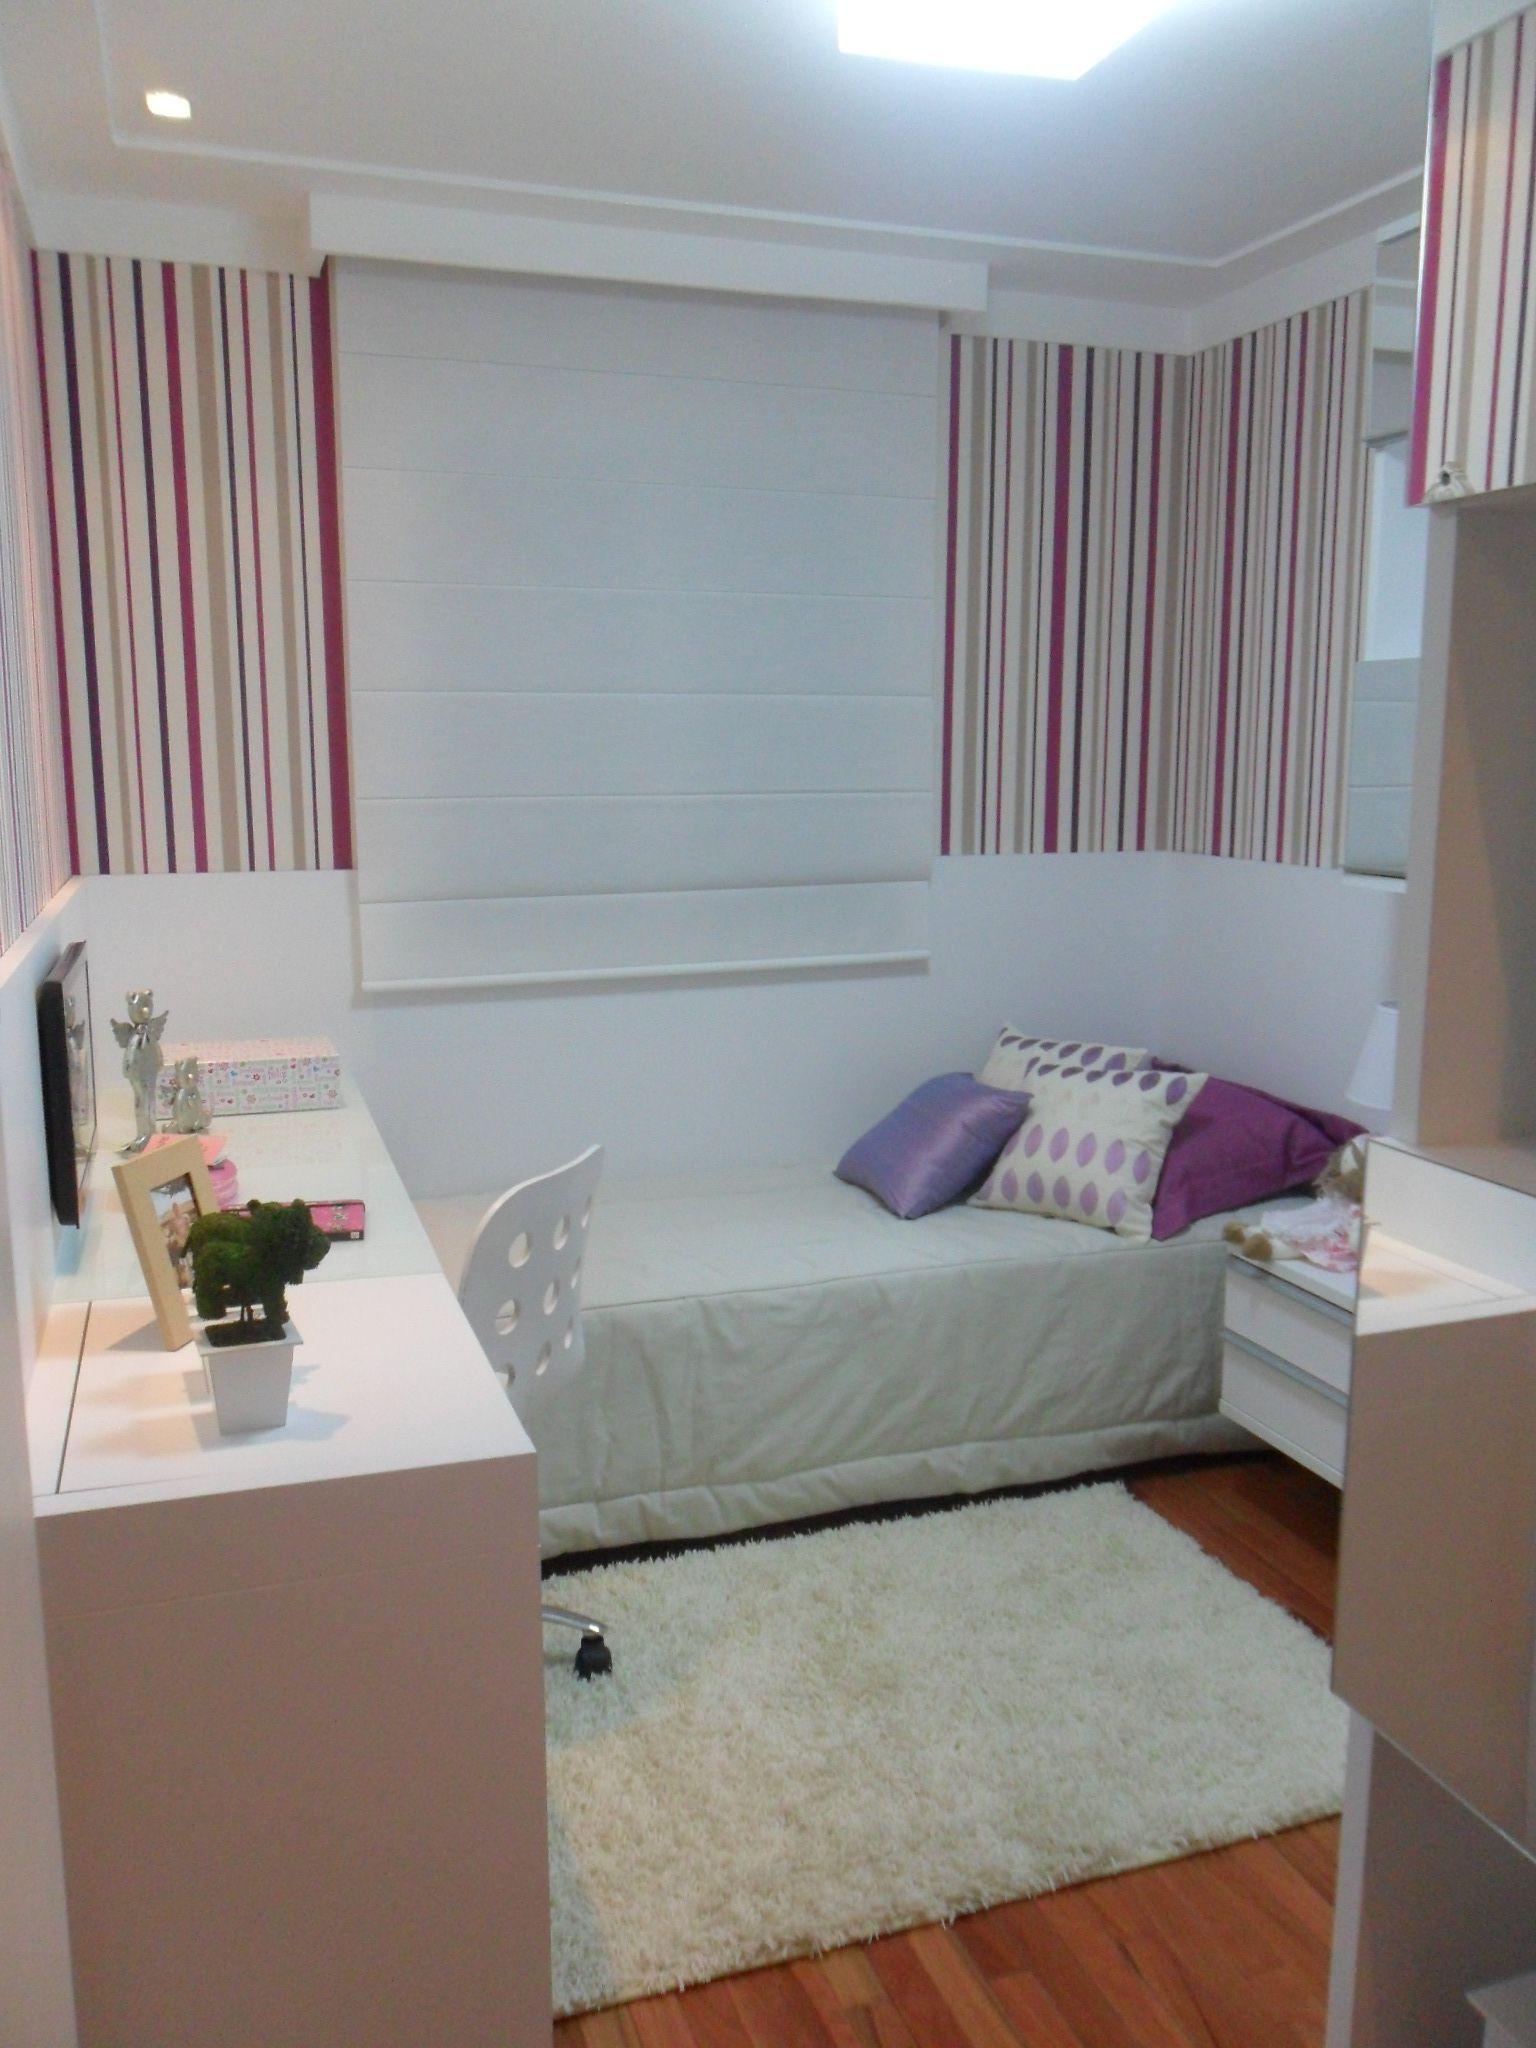 Quarto Solteiro Empreendimento Way Living Quarto Bedroom